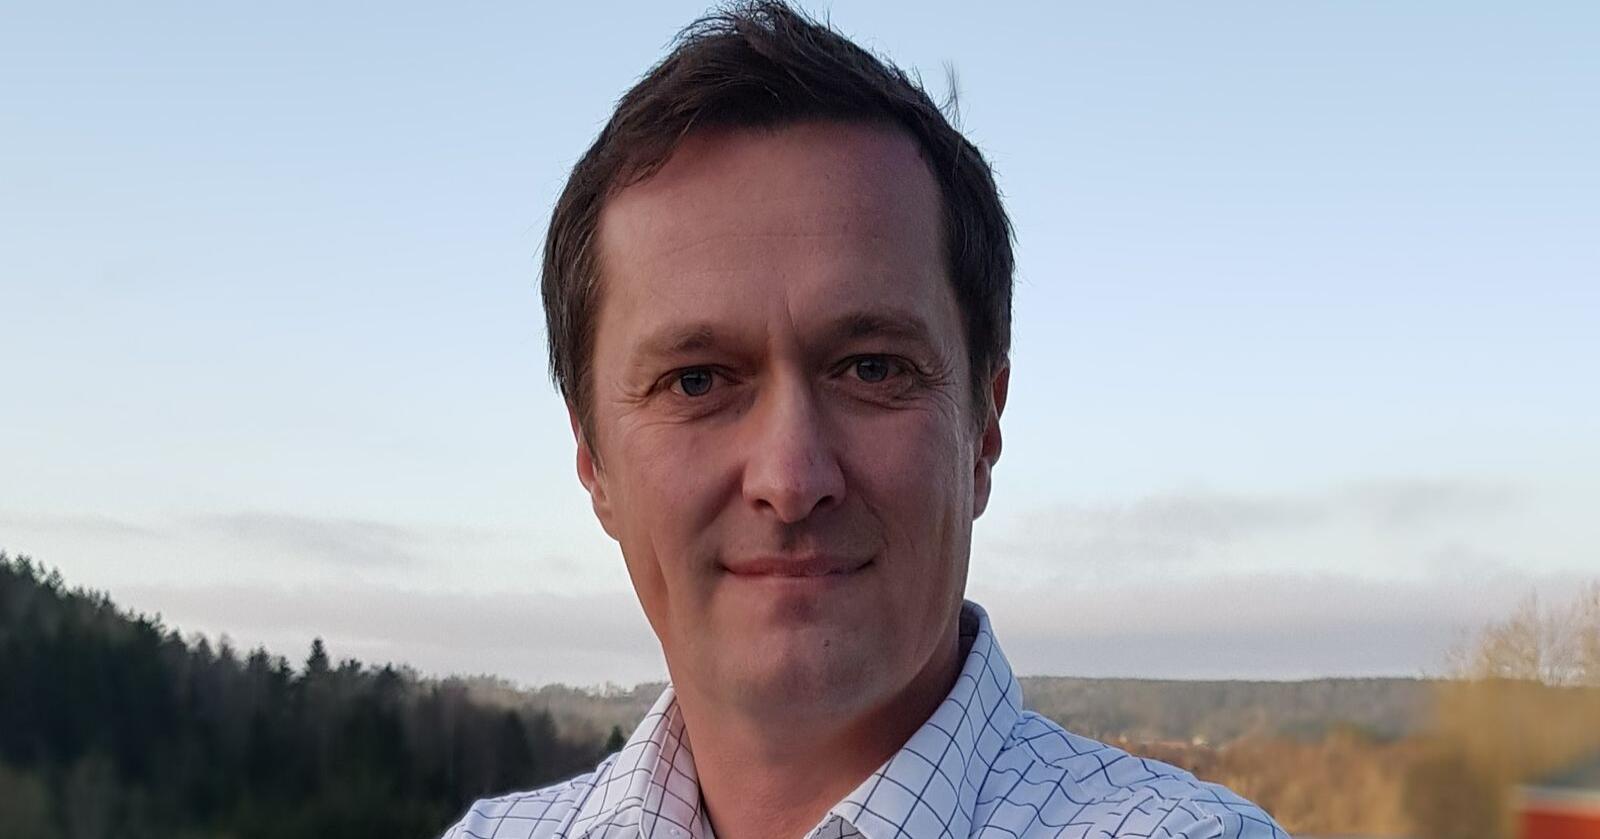 Bjarne Holm er ansatt som ny direktør i Norsk Landbruksrådgiving. Foto: Norsk Landbruksrådgiving